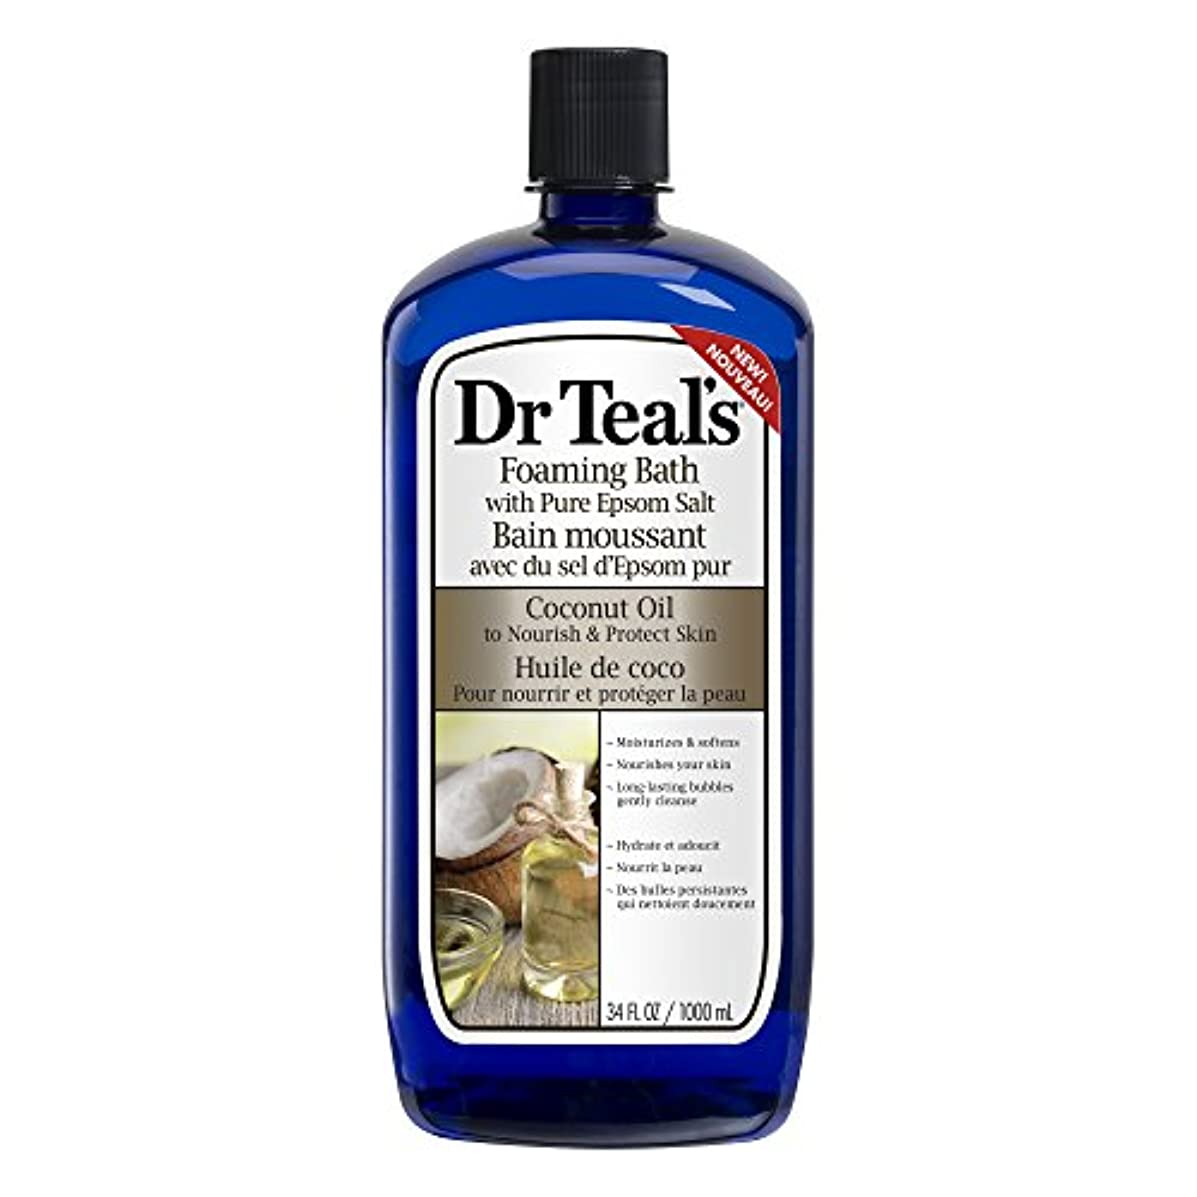 助手ナイトスポット顕微鏡Dr Teal's 博士Tealsココナッツオイルフォーミングバス、34オンス